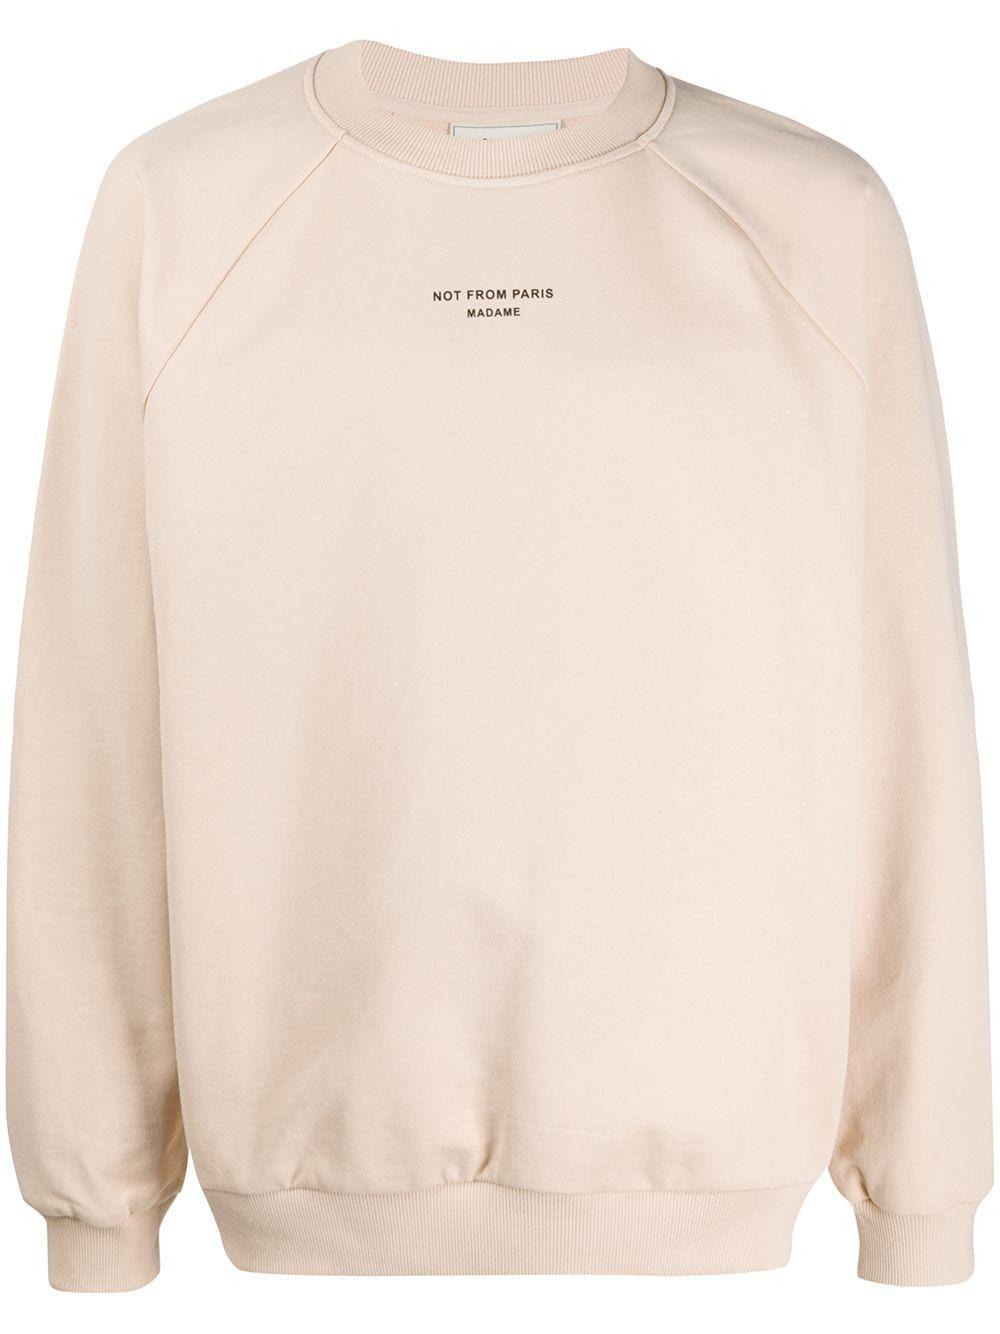 Drole De Monsieur Graphic Print Crew Neck Sweatshirt Farfetch Crew Neck Sweatshirt Sweatshirts Beige Sweatshirt [ 1334 x 1000 Pixel ]